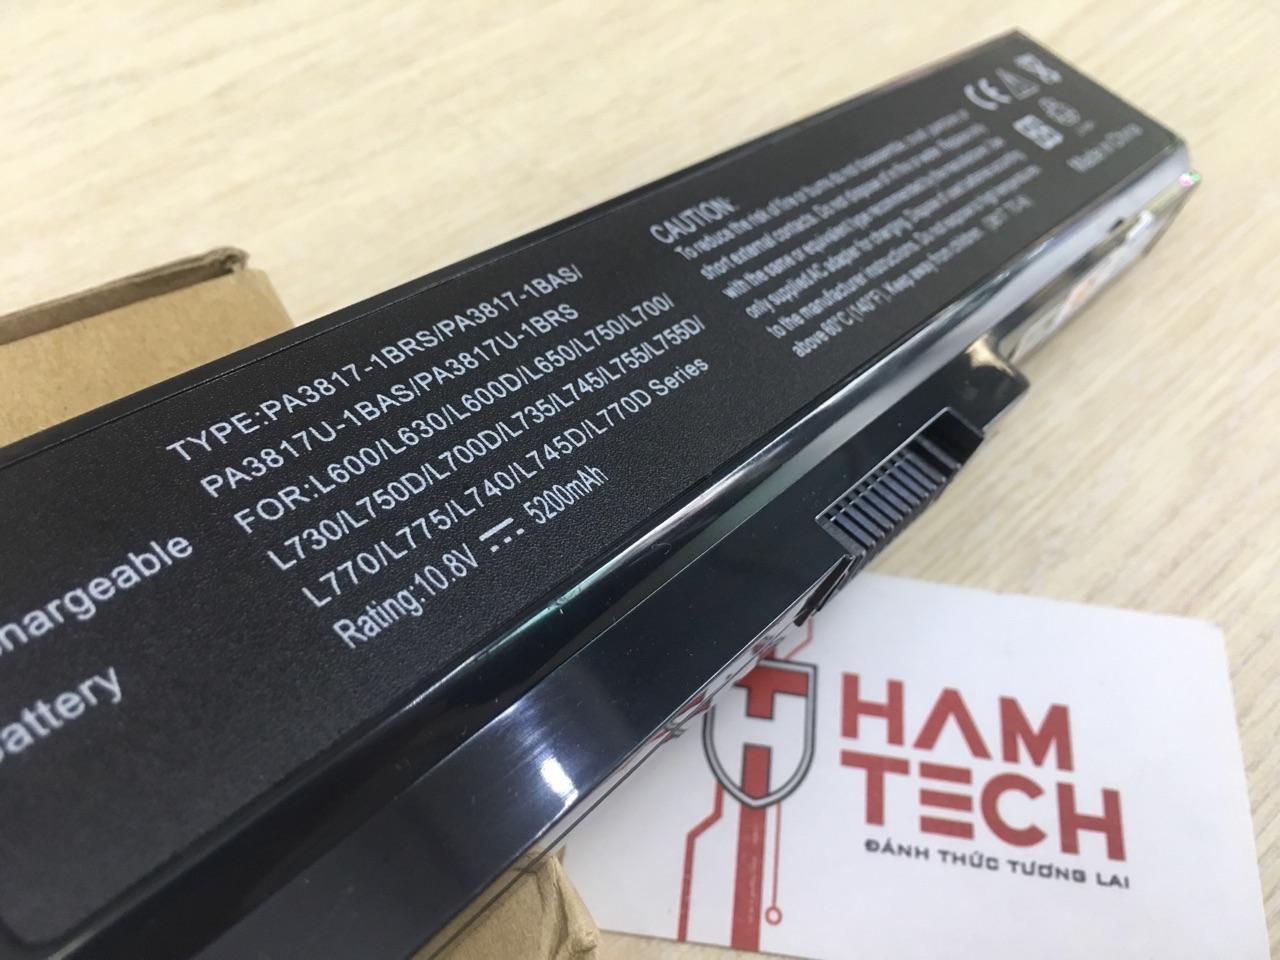 Pin Laptop Toshiba Satellite A660 A665 A665d C600 C640 C650 C650d Baterai Batre L750 L740 L745 L775 3817 Pa3817 Original C660 C655 C665 C675 L510